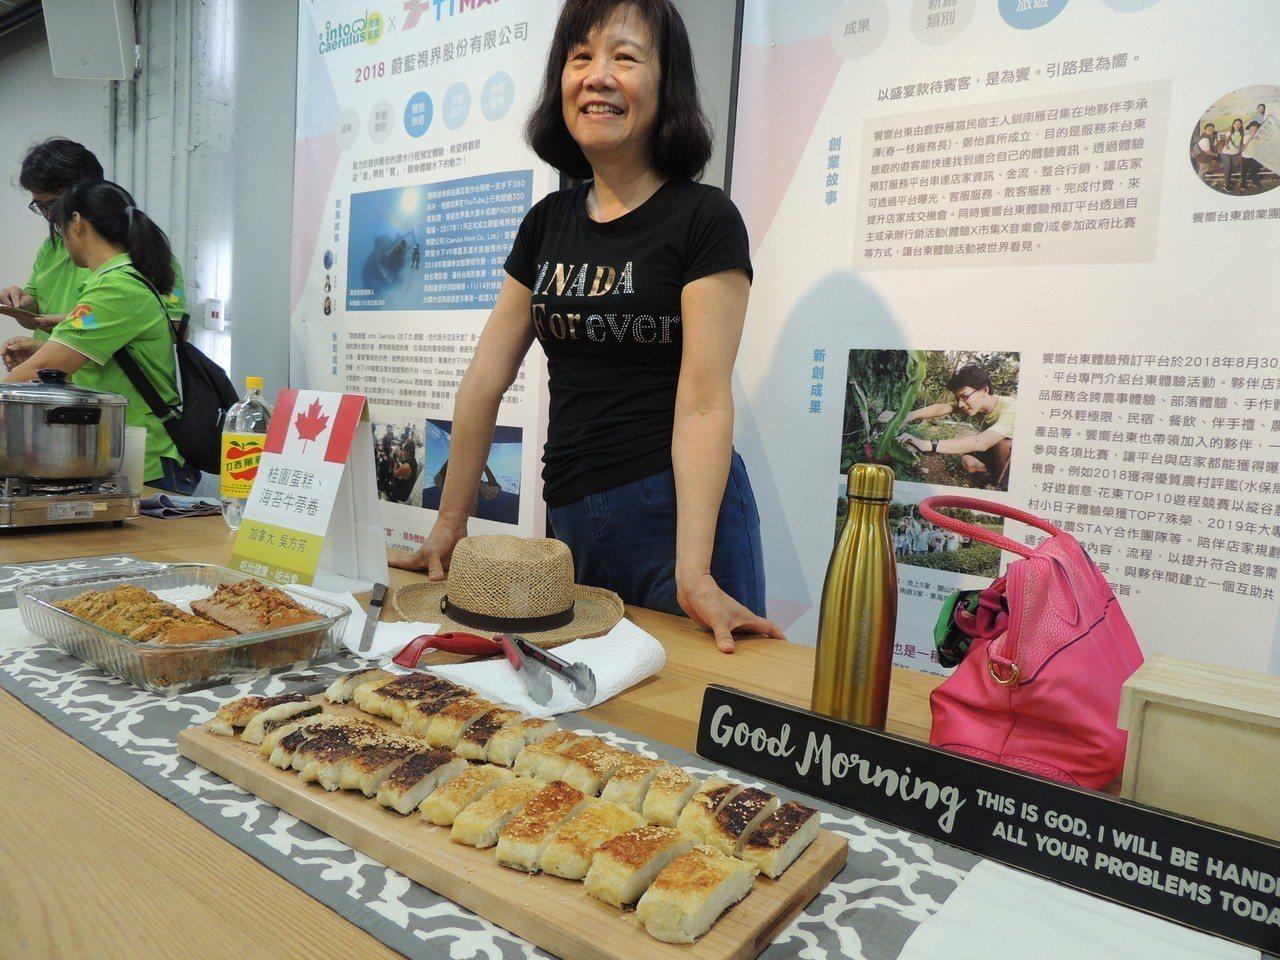 自小在加拿大長大的女牧師吳方方為活動準備加拿大糕點。記者羅紹平/攝影